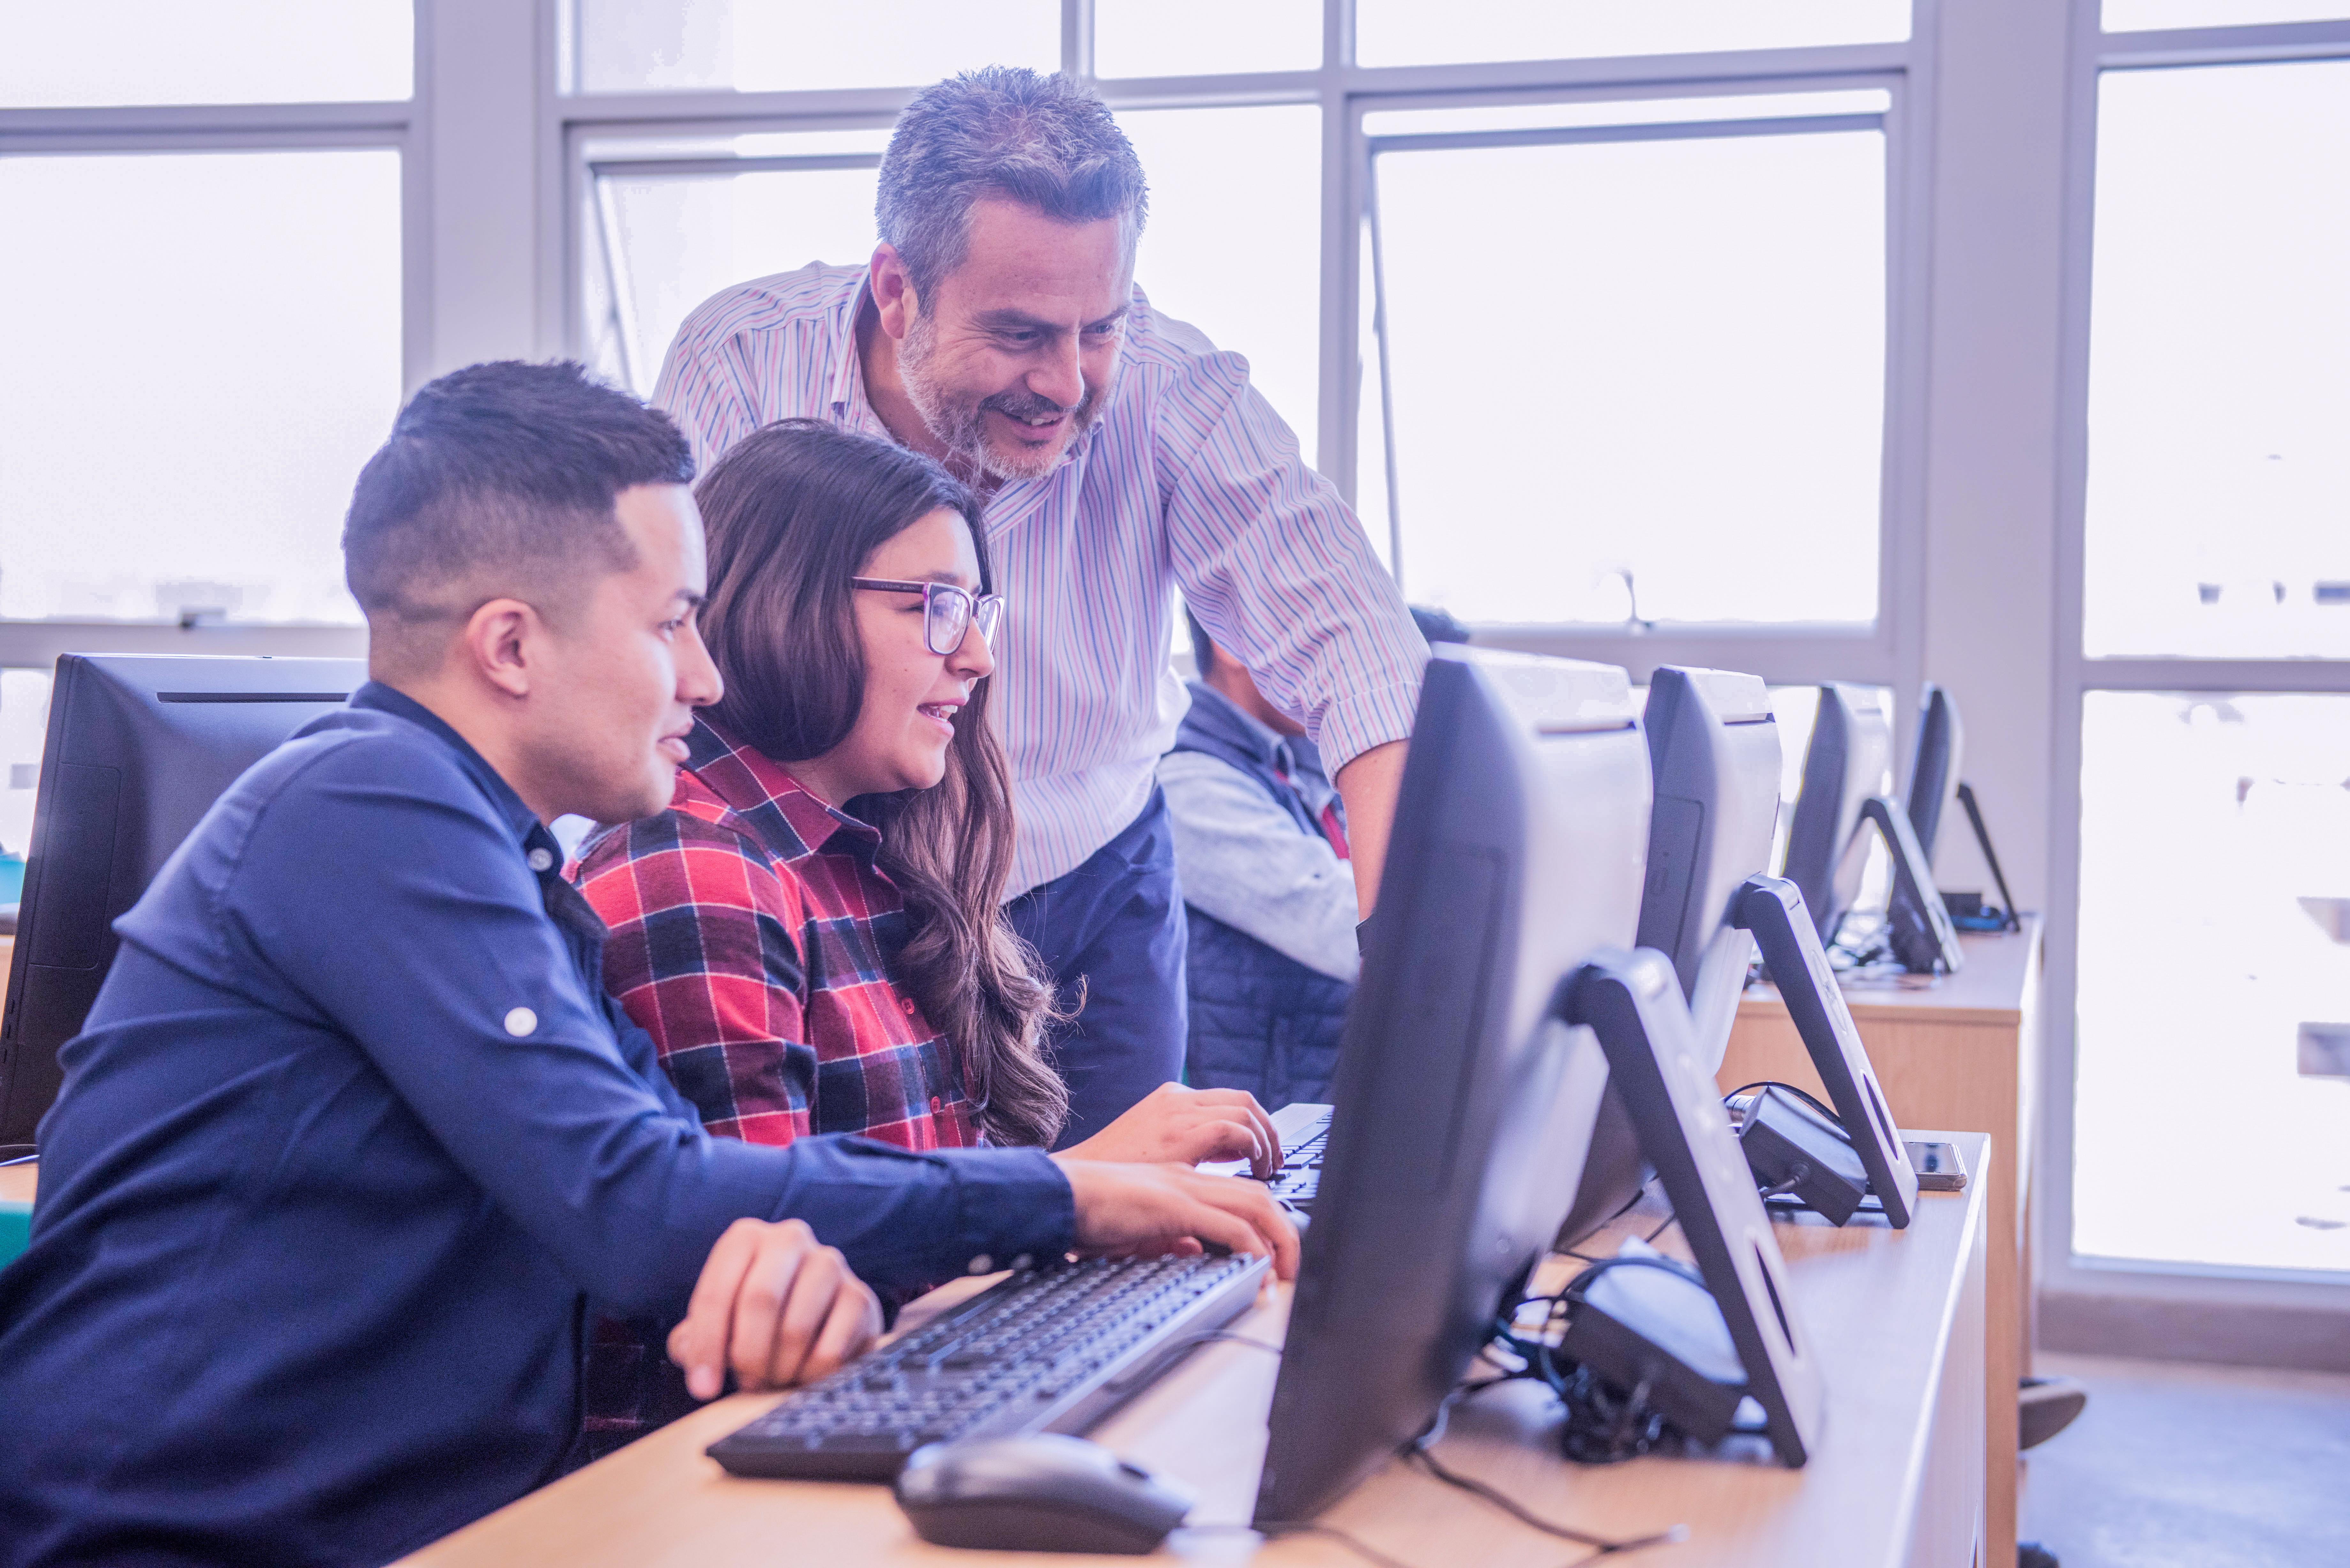 Ingreso de trabajadores con estudios técnicos incrementa.